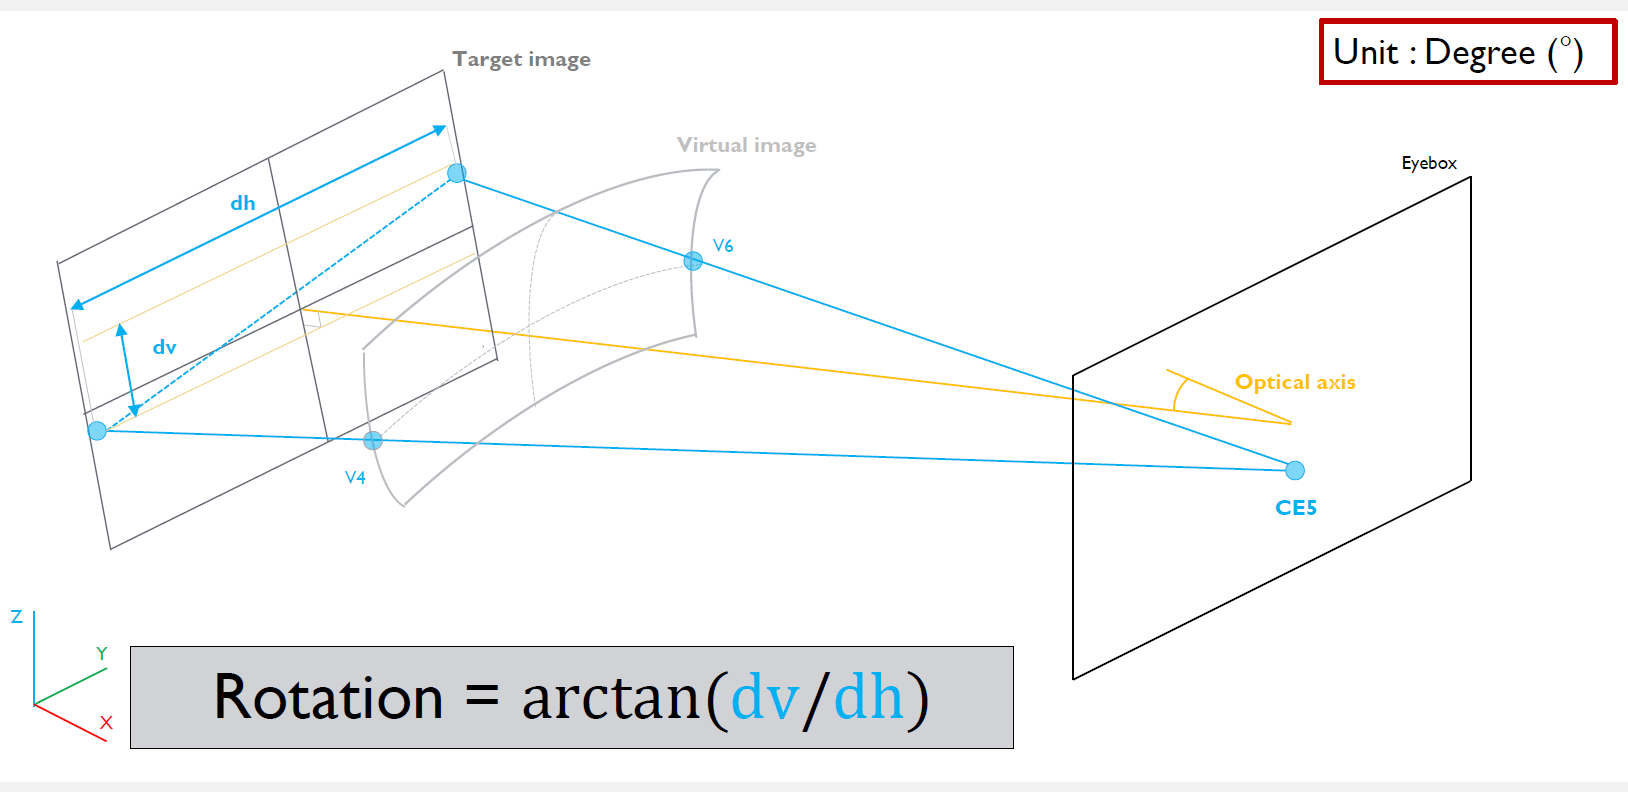 光學與視覺模擬解決方案